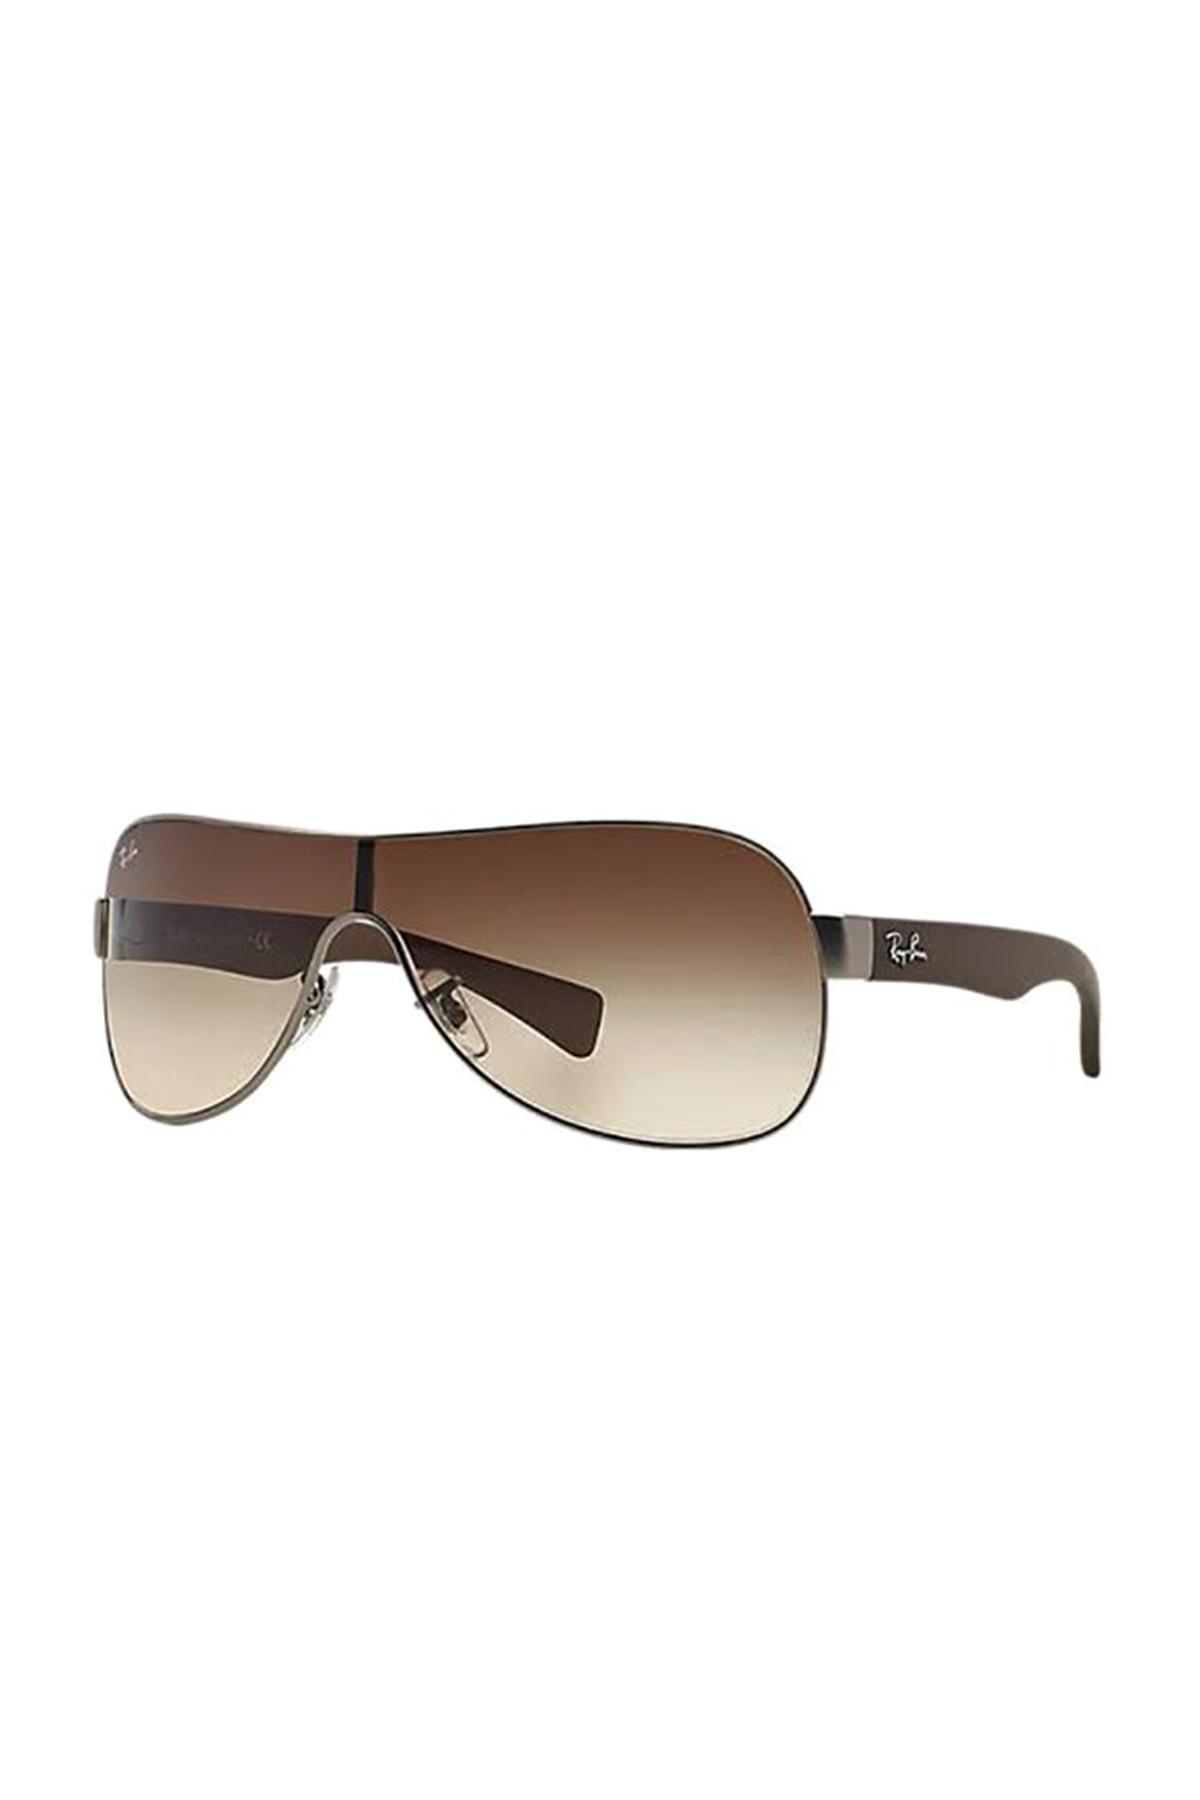 فروشگاه عینک آفتابی زنانه سال ۹۹ برند ری بن رنگ قهوه ای کد ty34987886